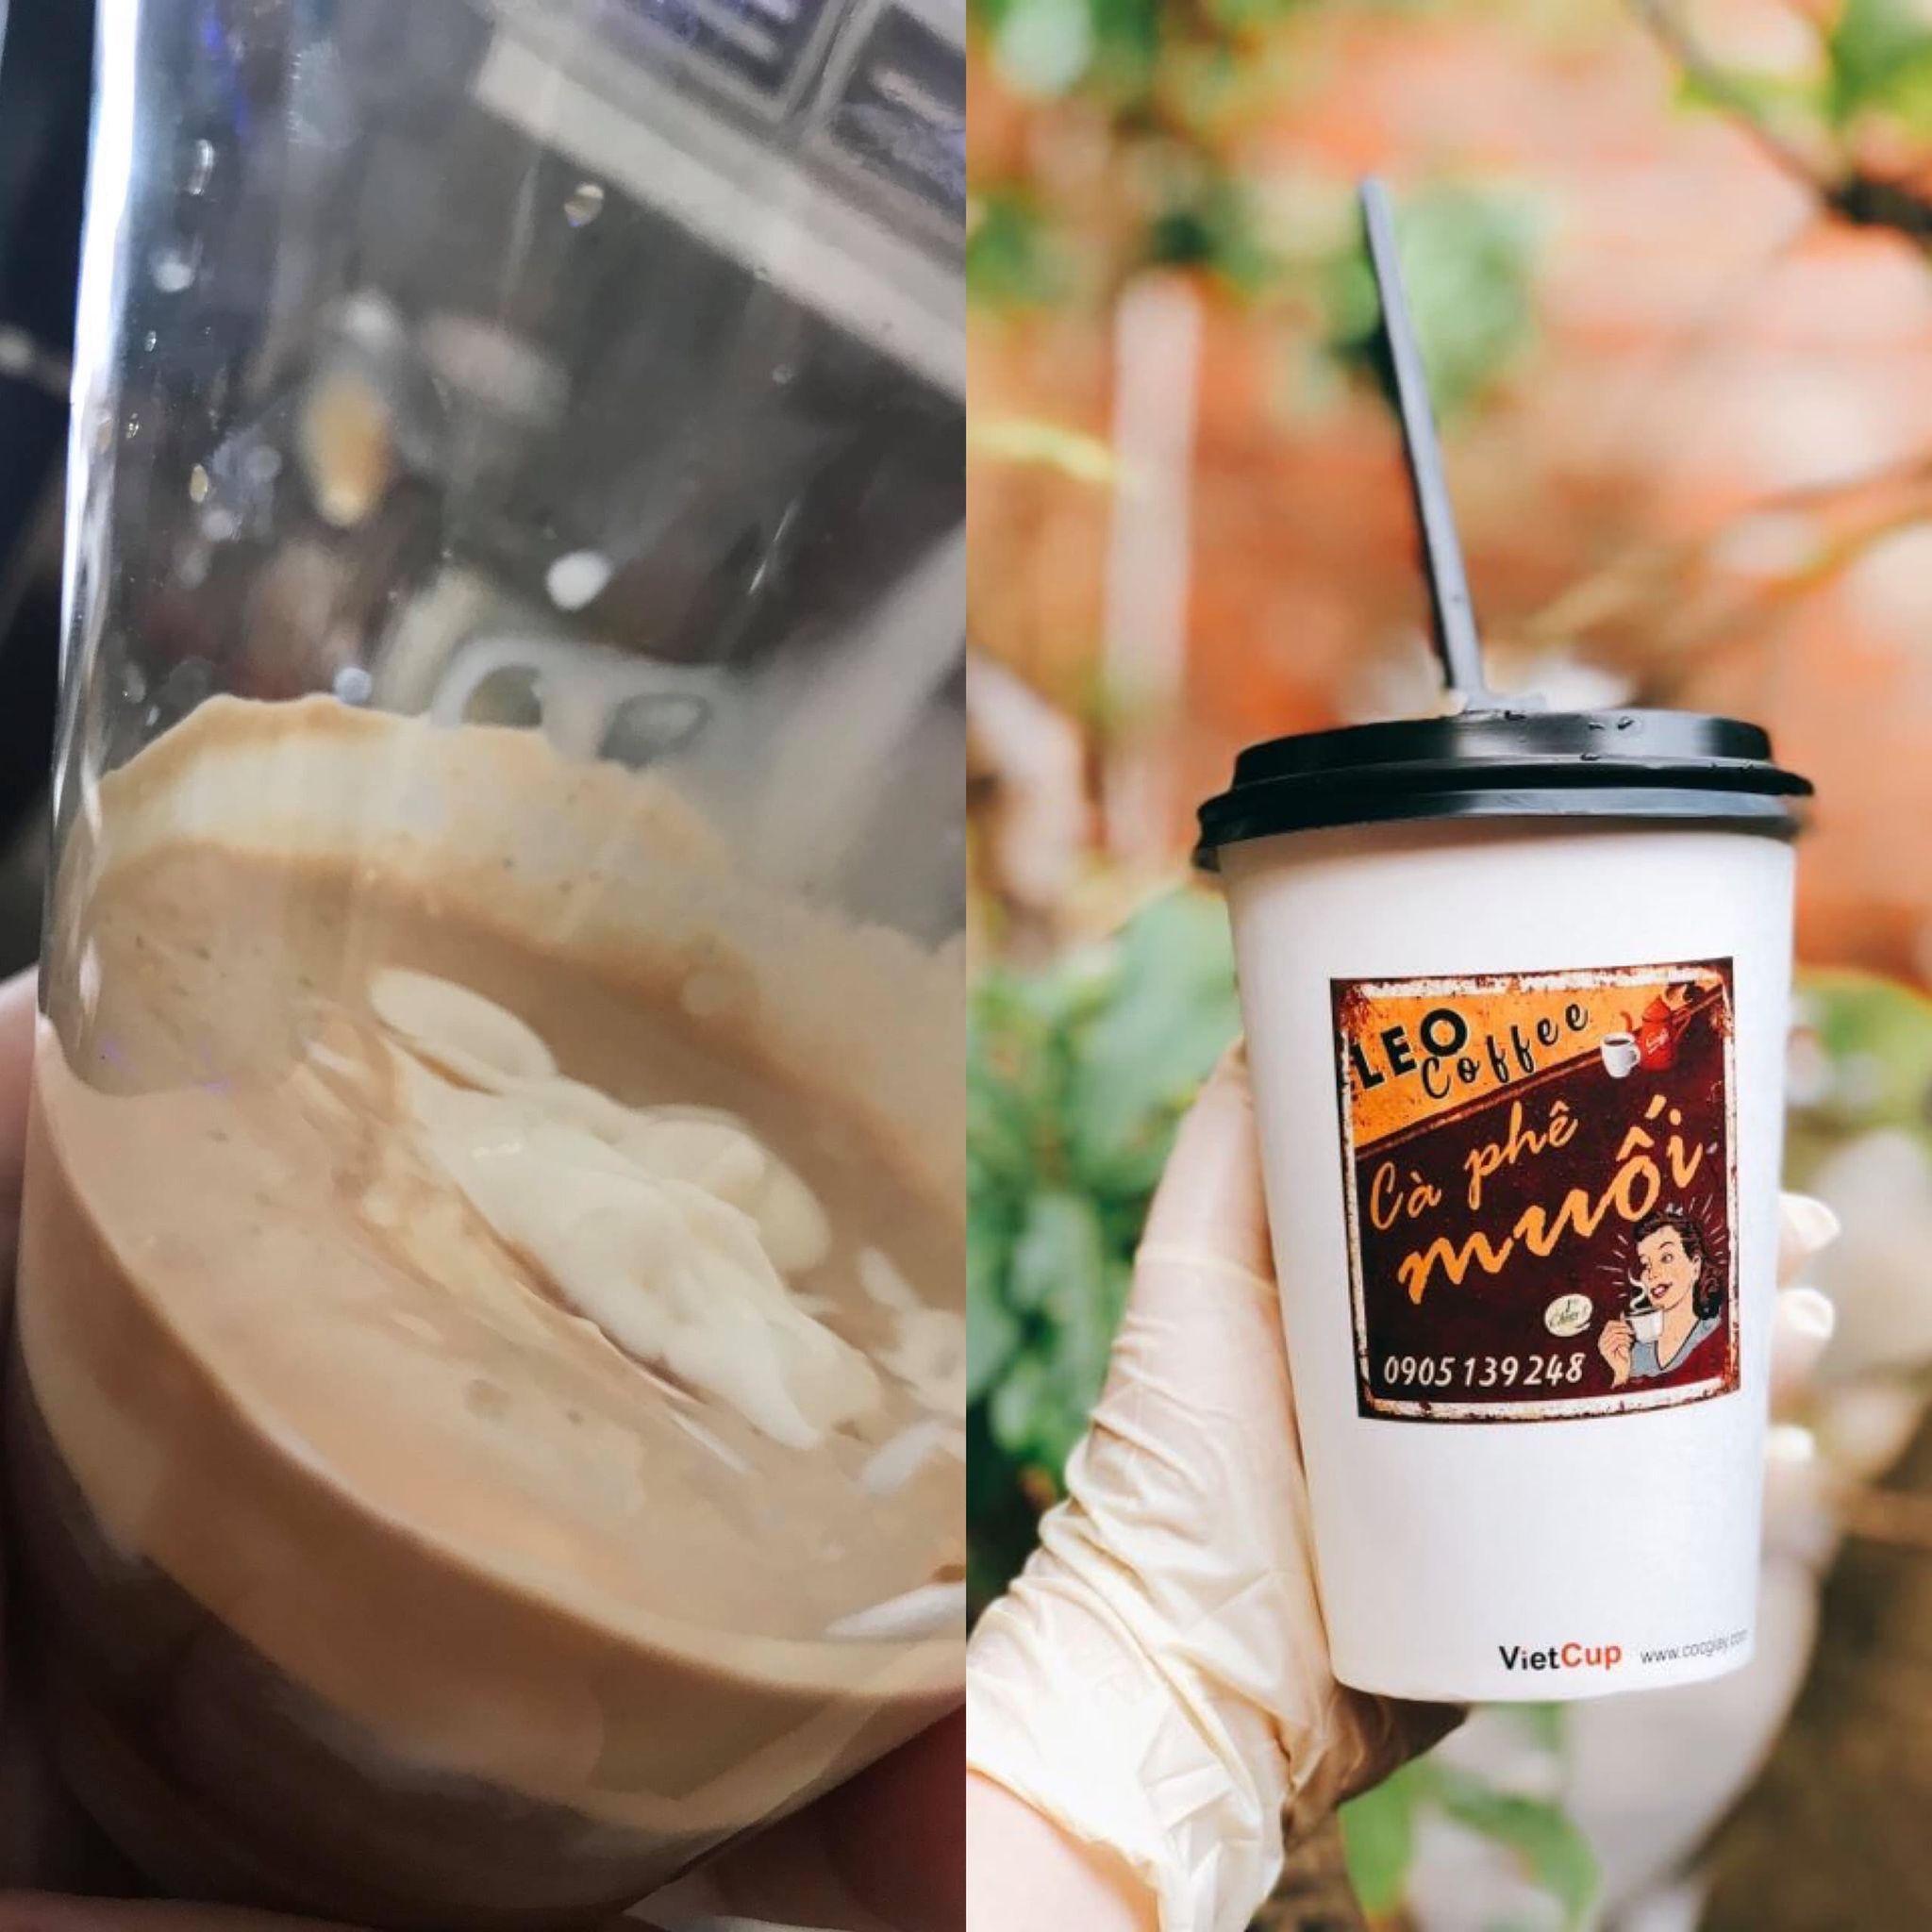 Cô nàng xứ Quảng lấn sang sân kinh doanh mới: Cà phê muối Leo 5